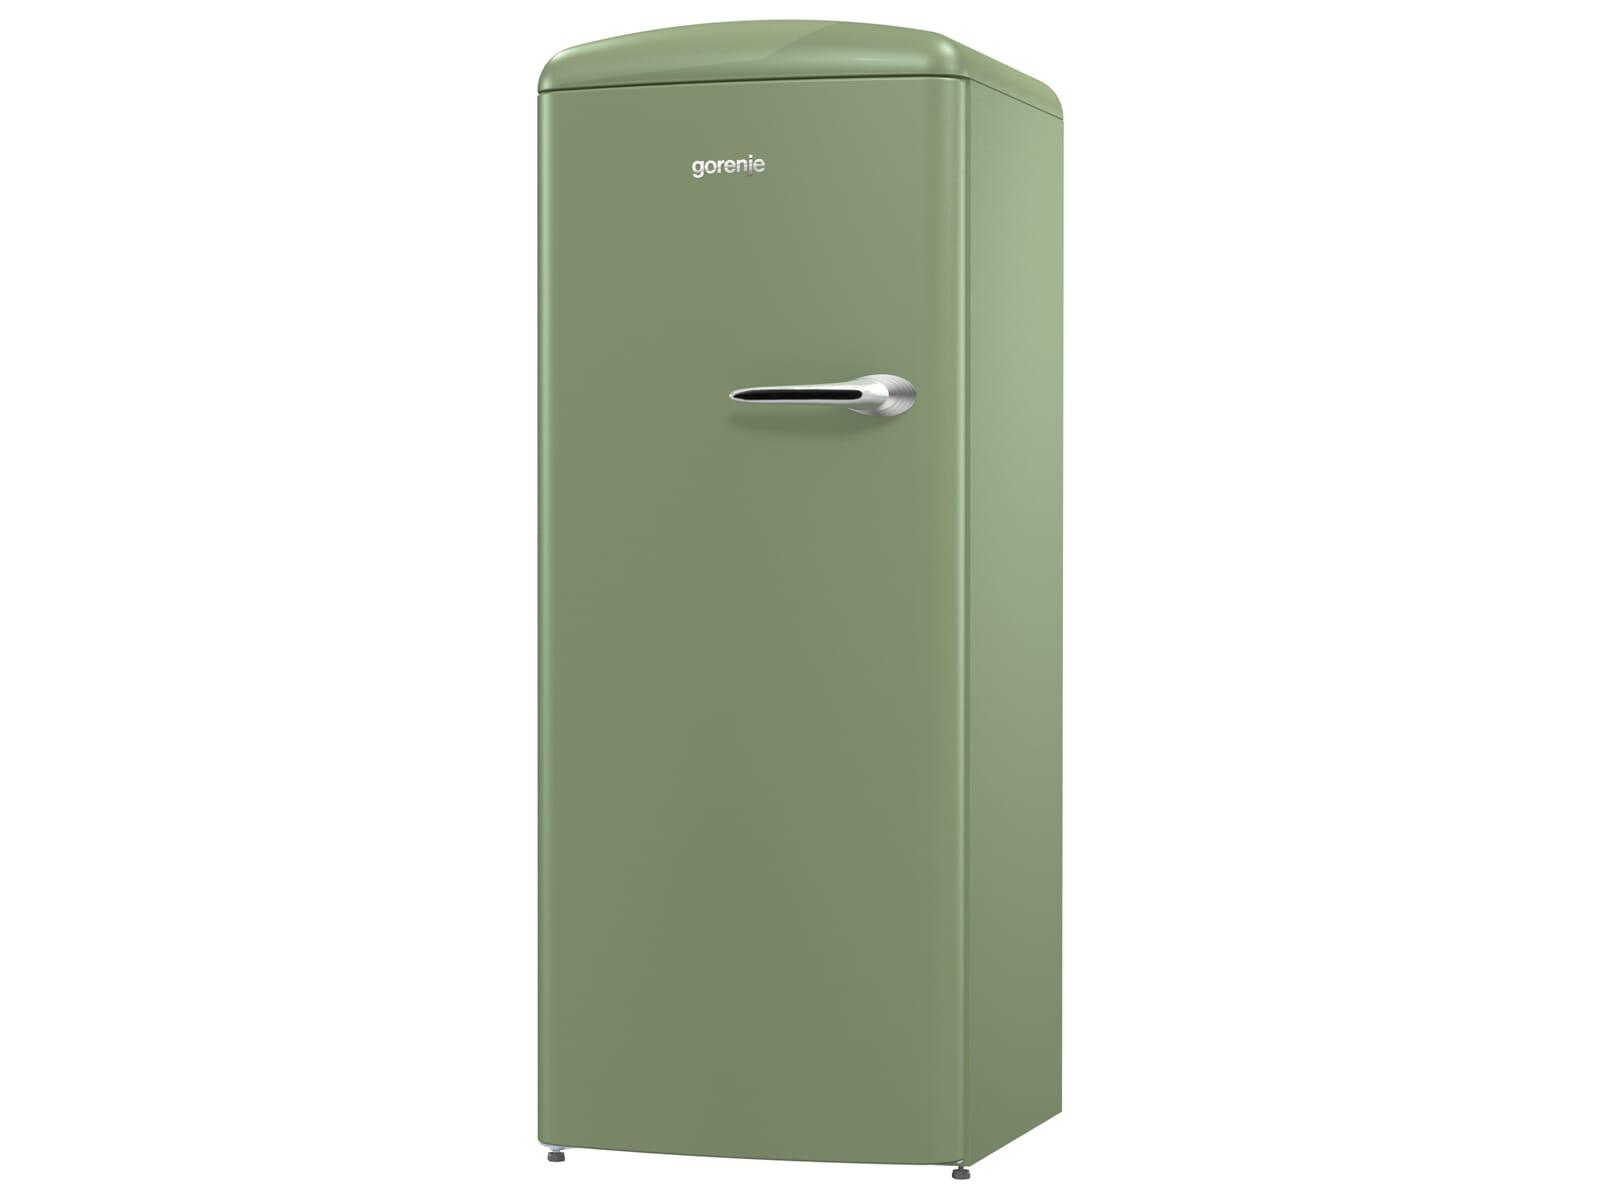 Gorenje Retro Kühlschrank Vw : Gorenje retro kühlschrank ebay kleinanzeigen